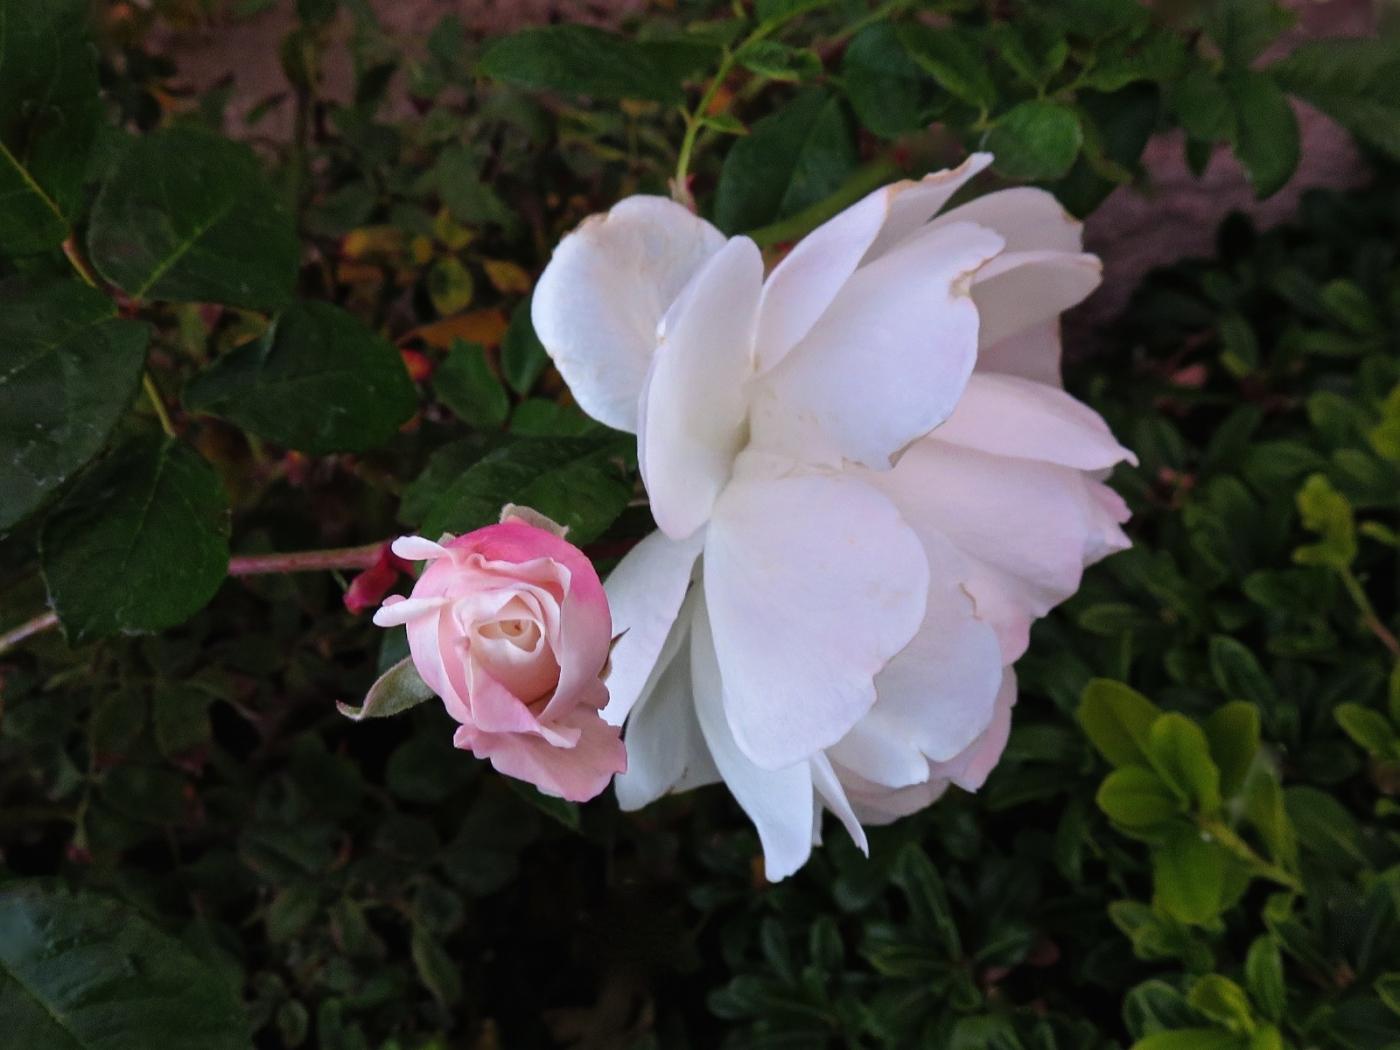 【晓鸣摄影】花卉植物49作展+独创简诗对照谱_图1-18